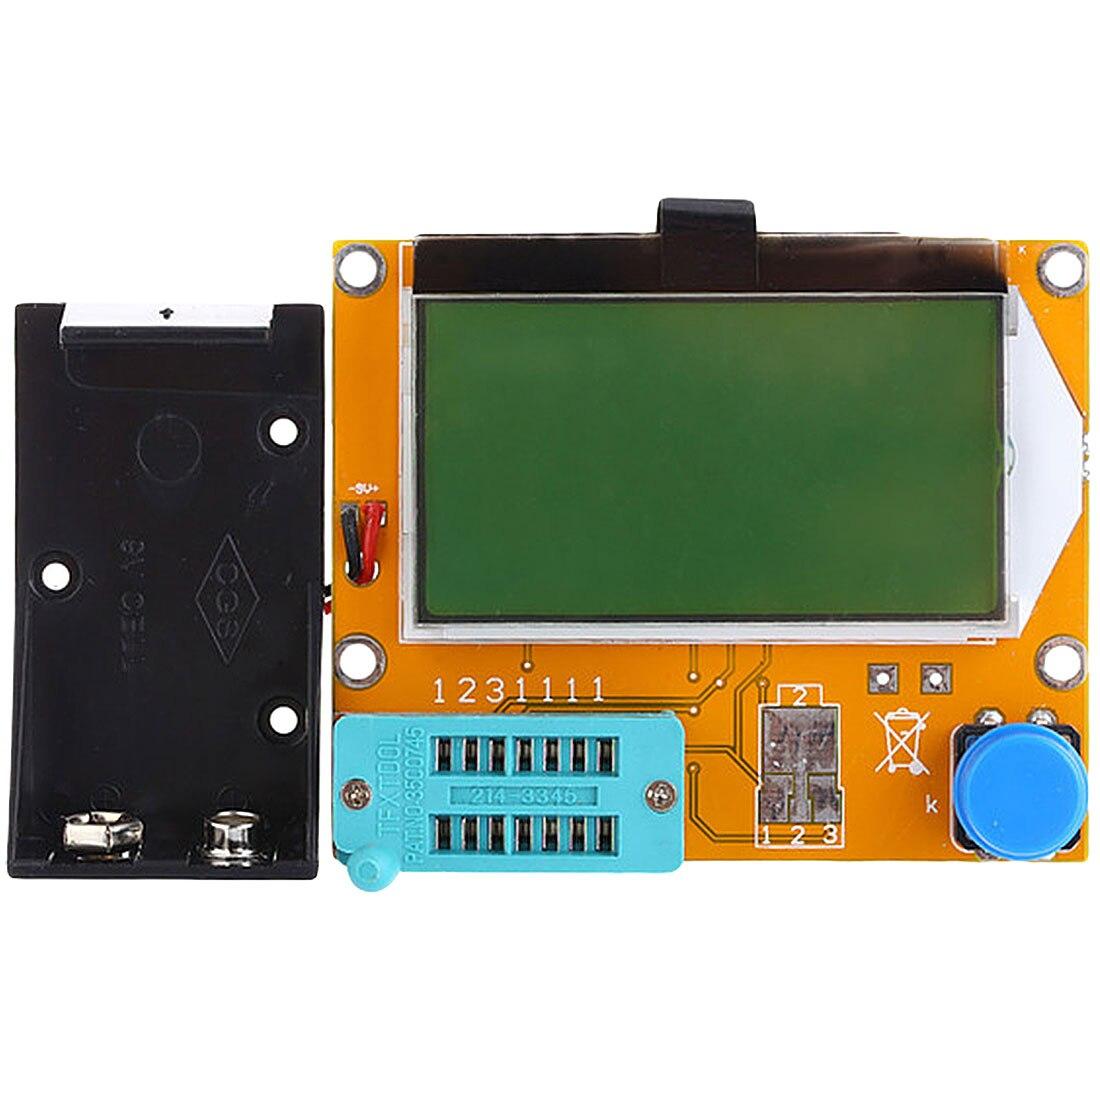 9V LCD Digital Transistor Tester Meter LCR-T4 12864 Backlight Diode Triode Capacitance ESR Meter For MOSFET/JFET/PNP/NPN L/C/R ...